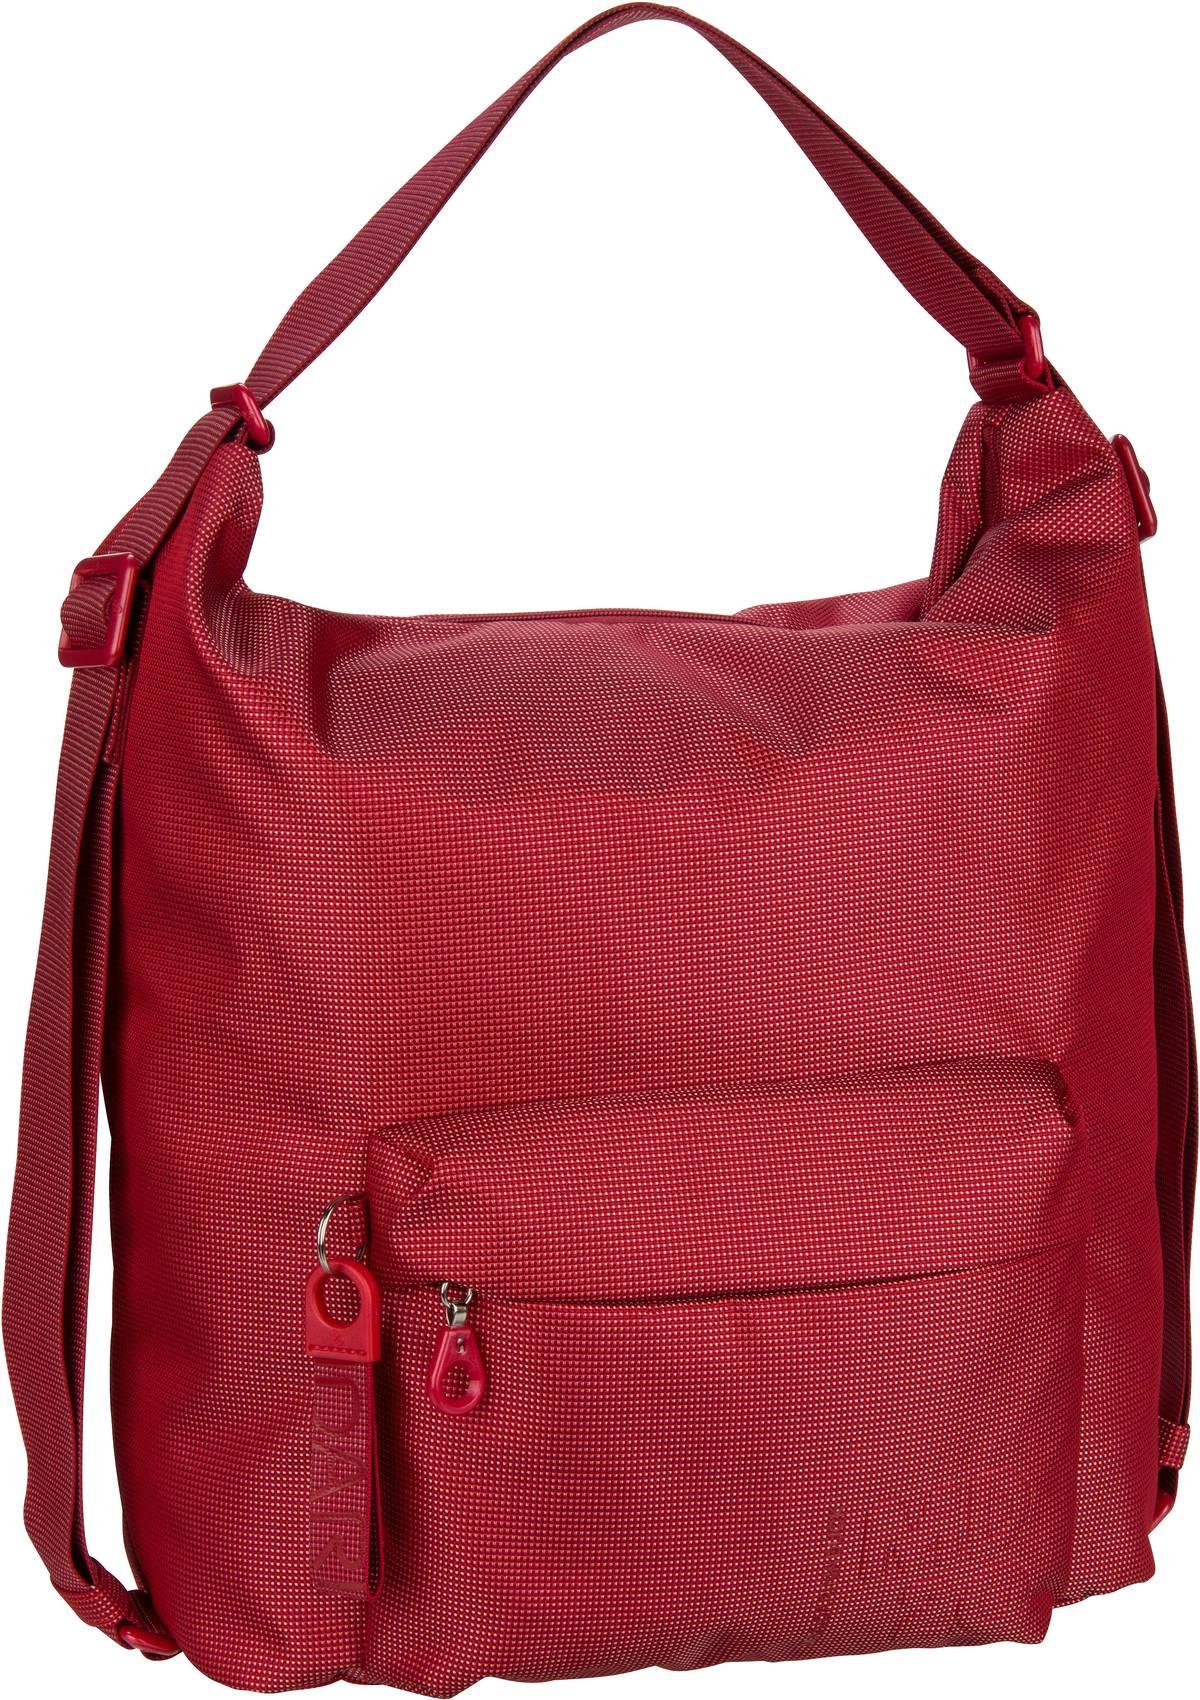 Handtasche MD20 Hobo Backpack QMT09 Flame Scarlet